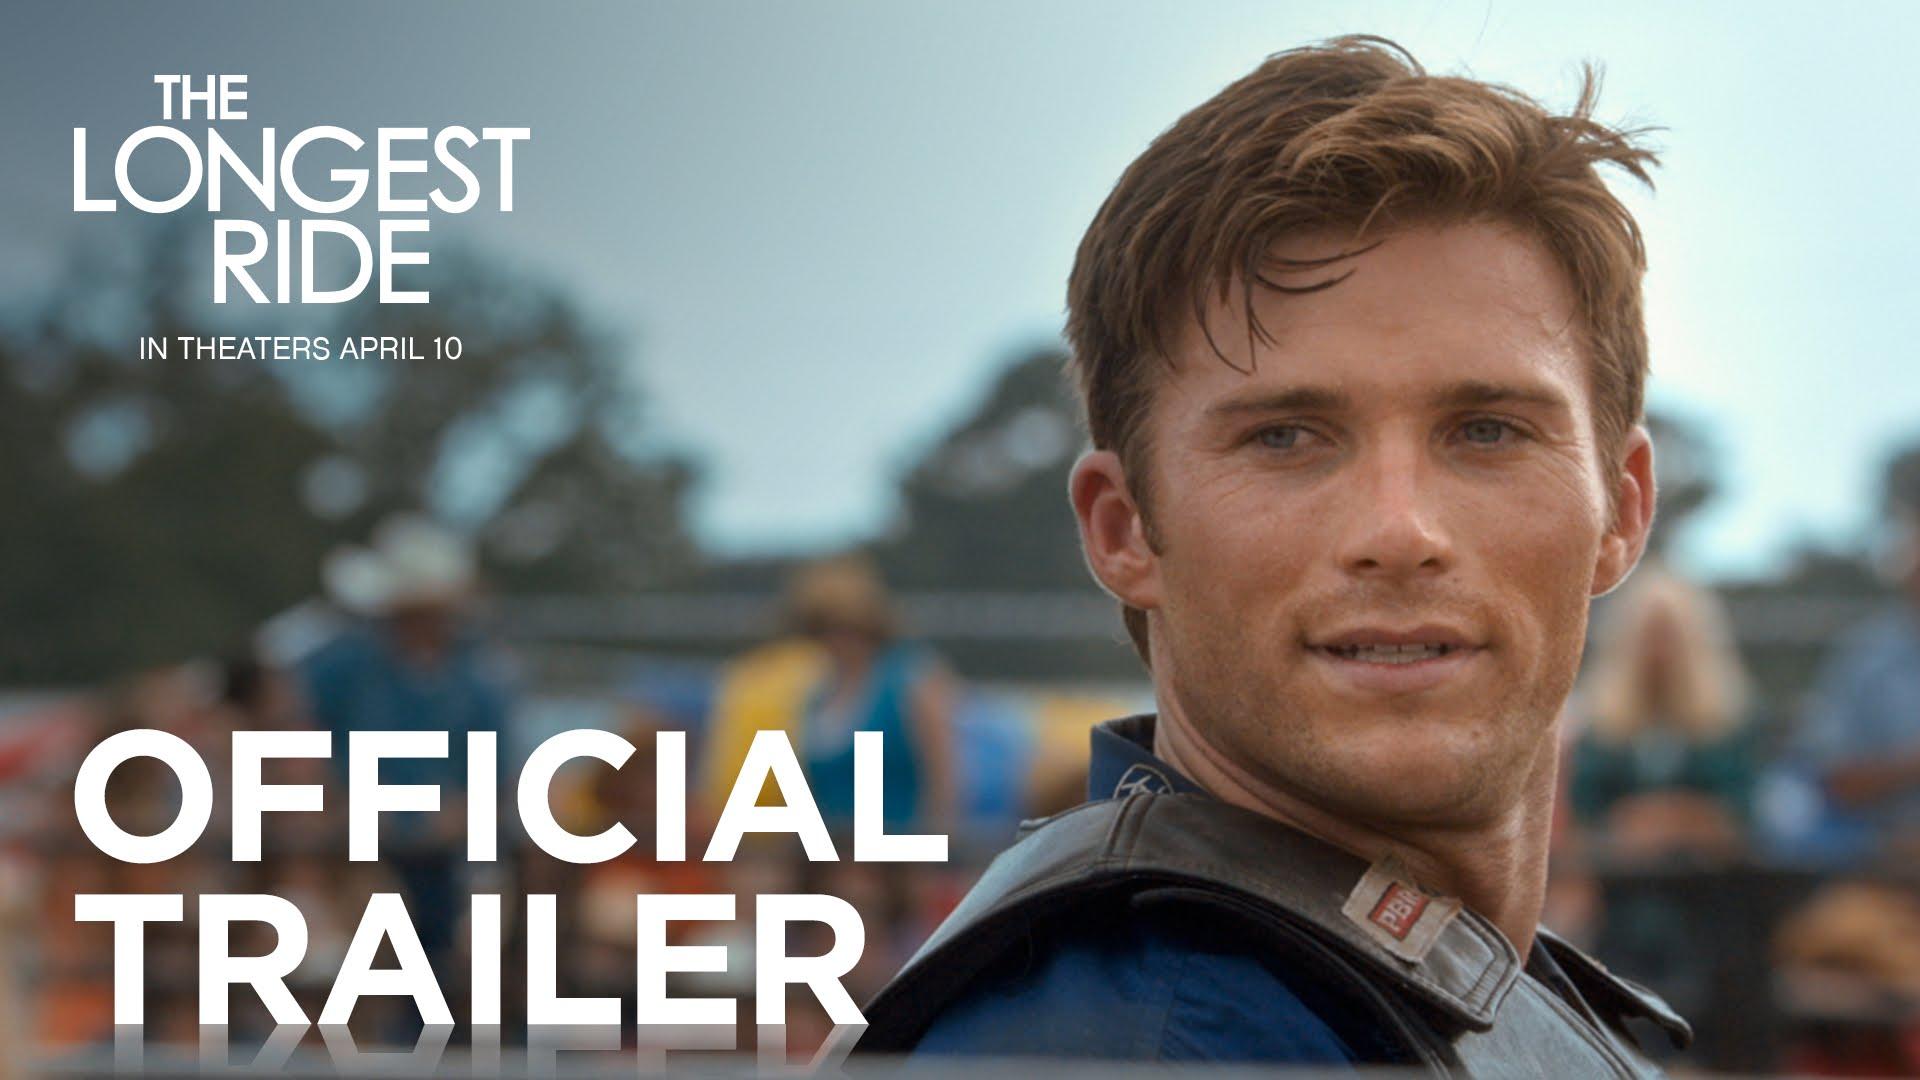 Nicholas Sparks Movie Trailers Play all